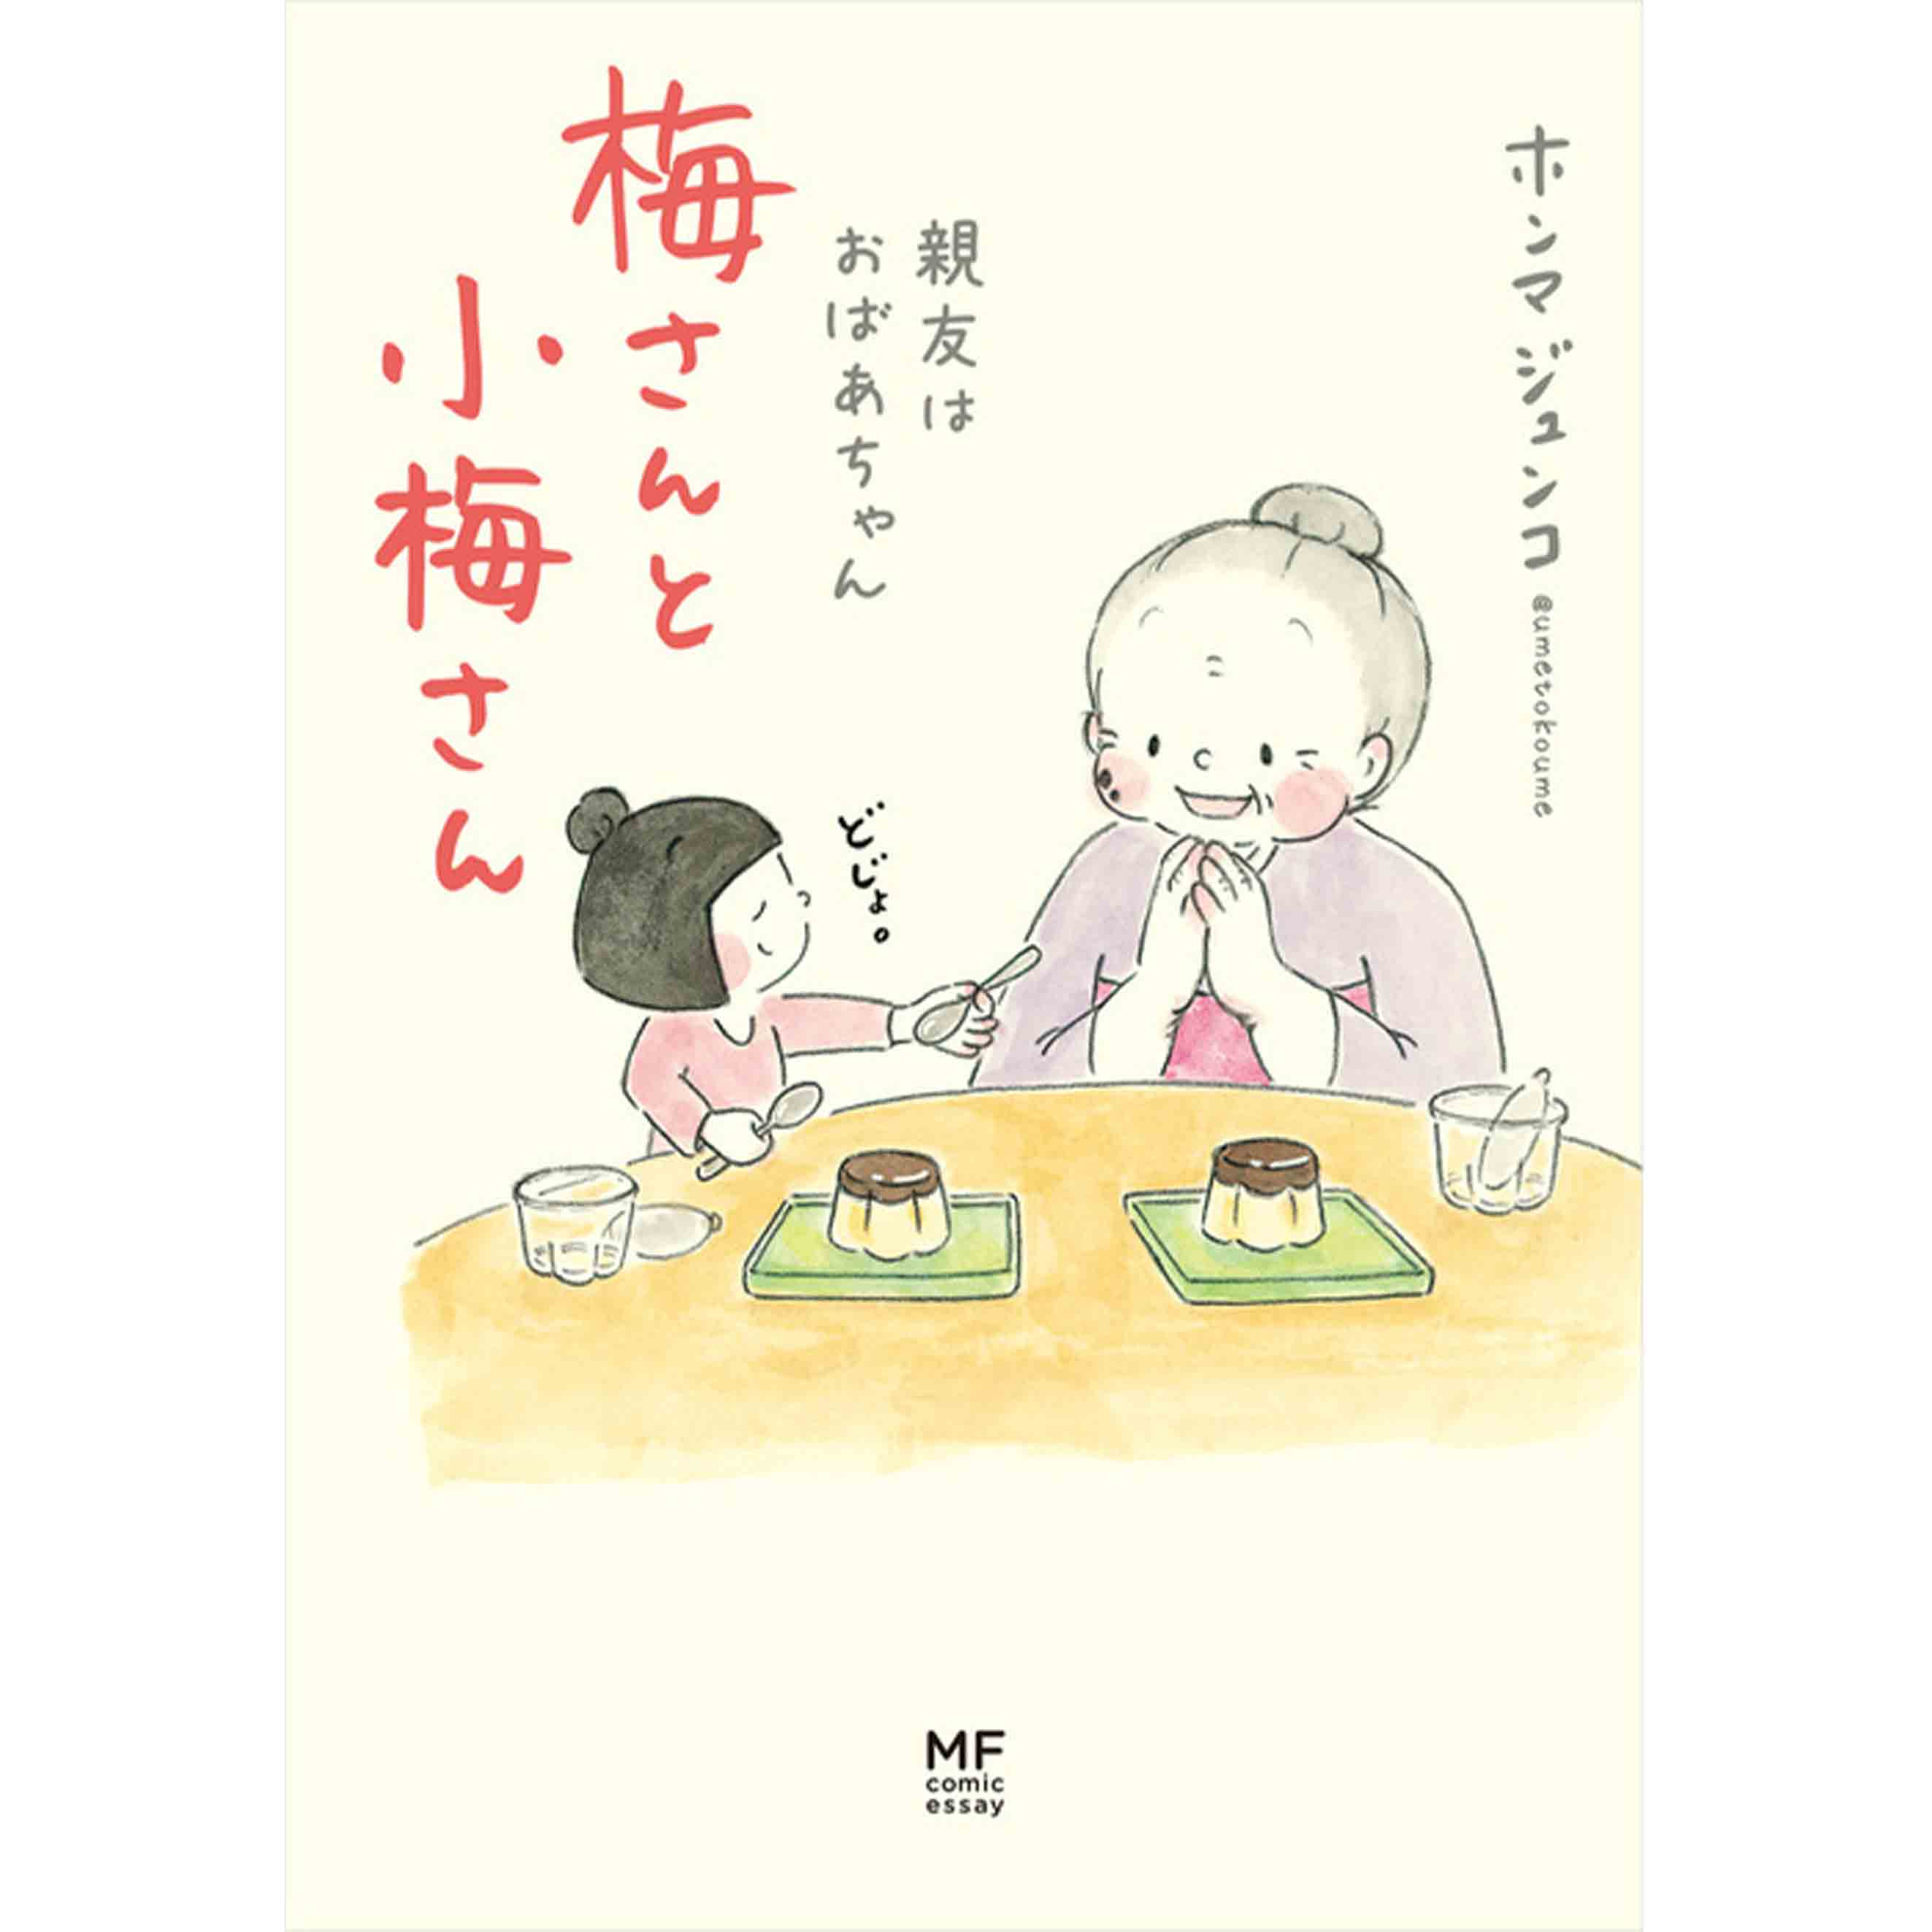 梅さんと小梅さん 親友はおばあちゃん